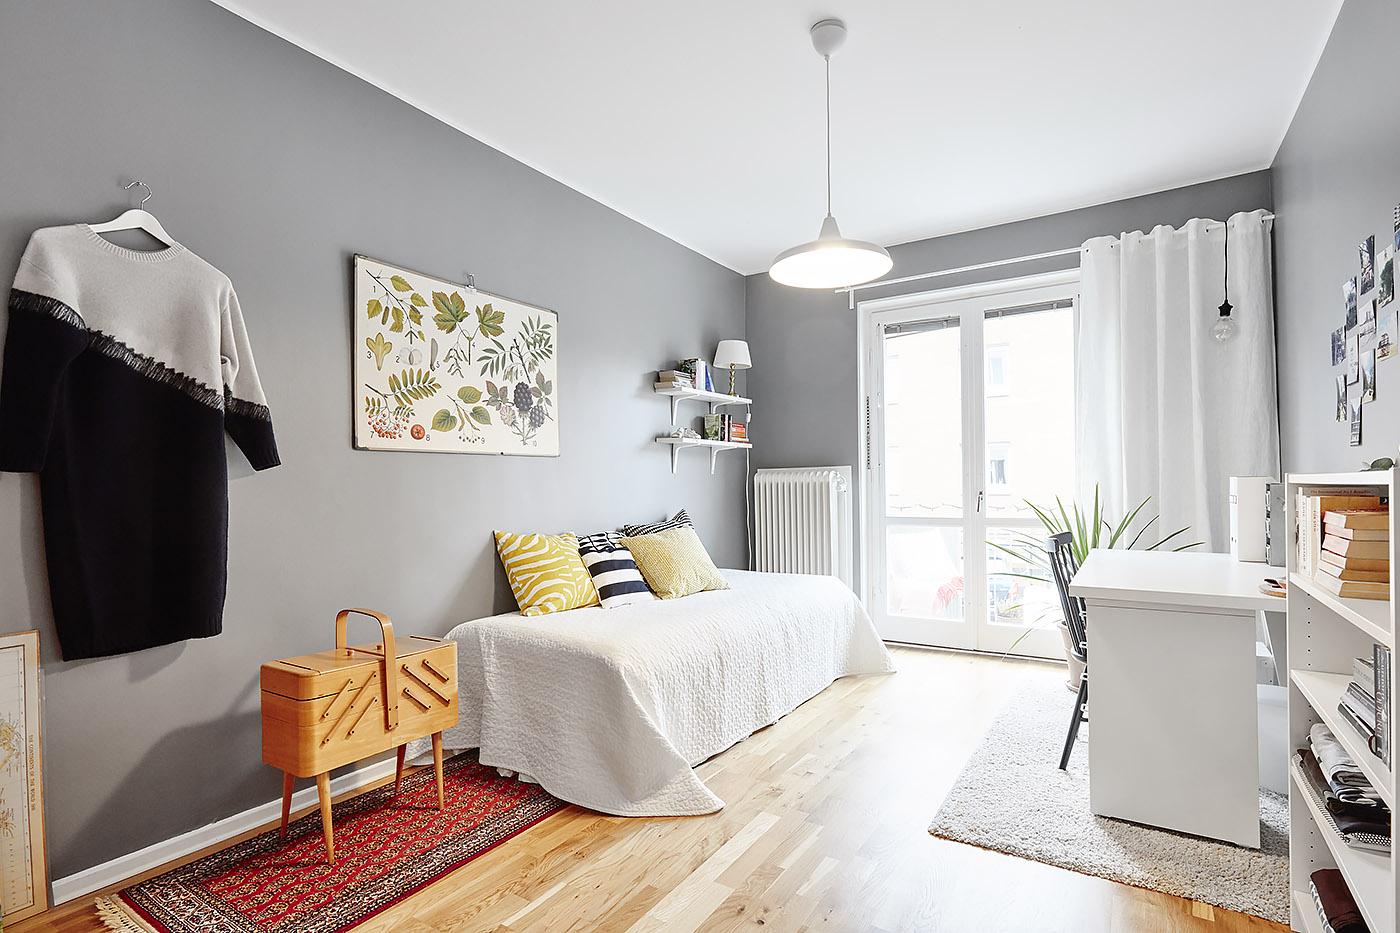 Habitaciones juveniles de estilo n rdico blog tienda - Diseno de habitacion juvenil ...